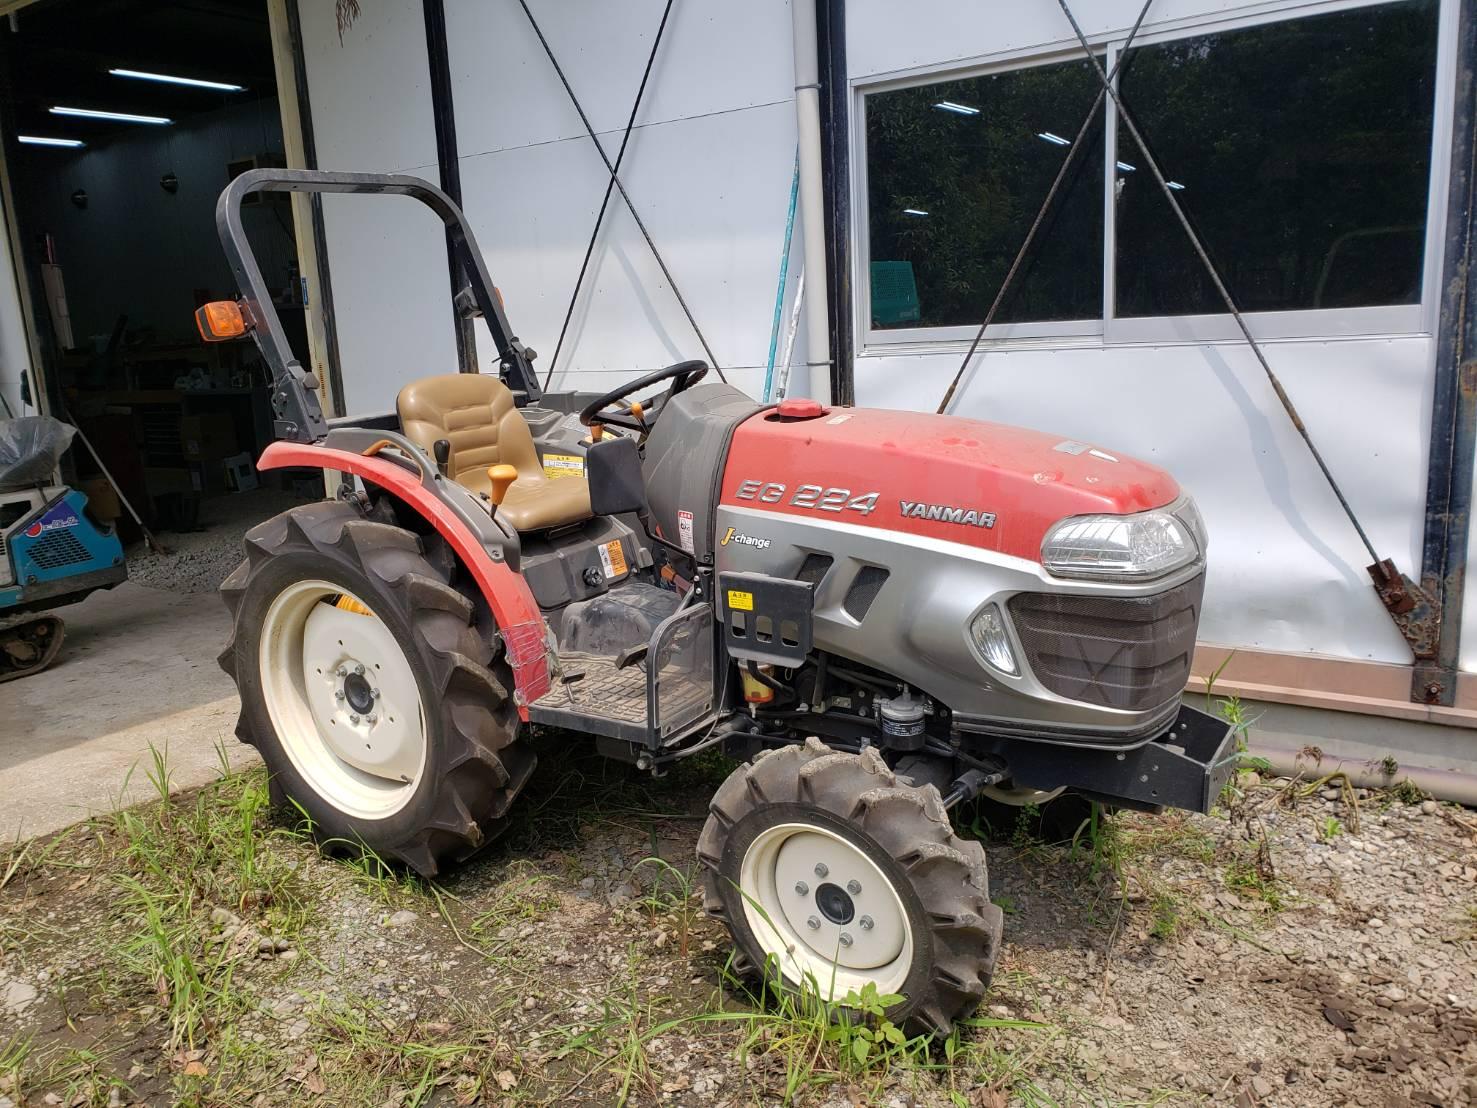 宮崎県ヤンマー トラクター EG224